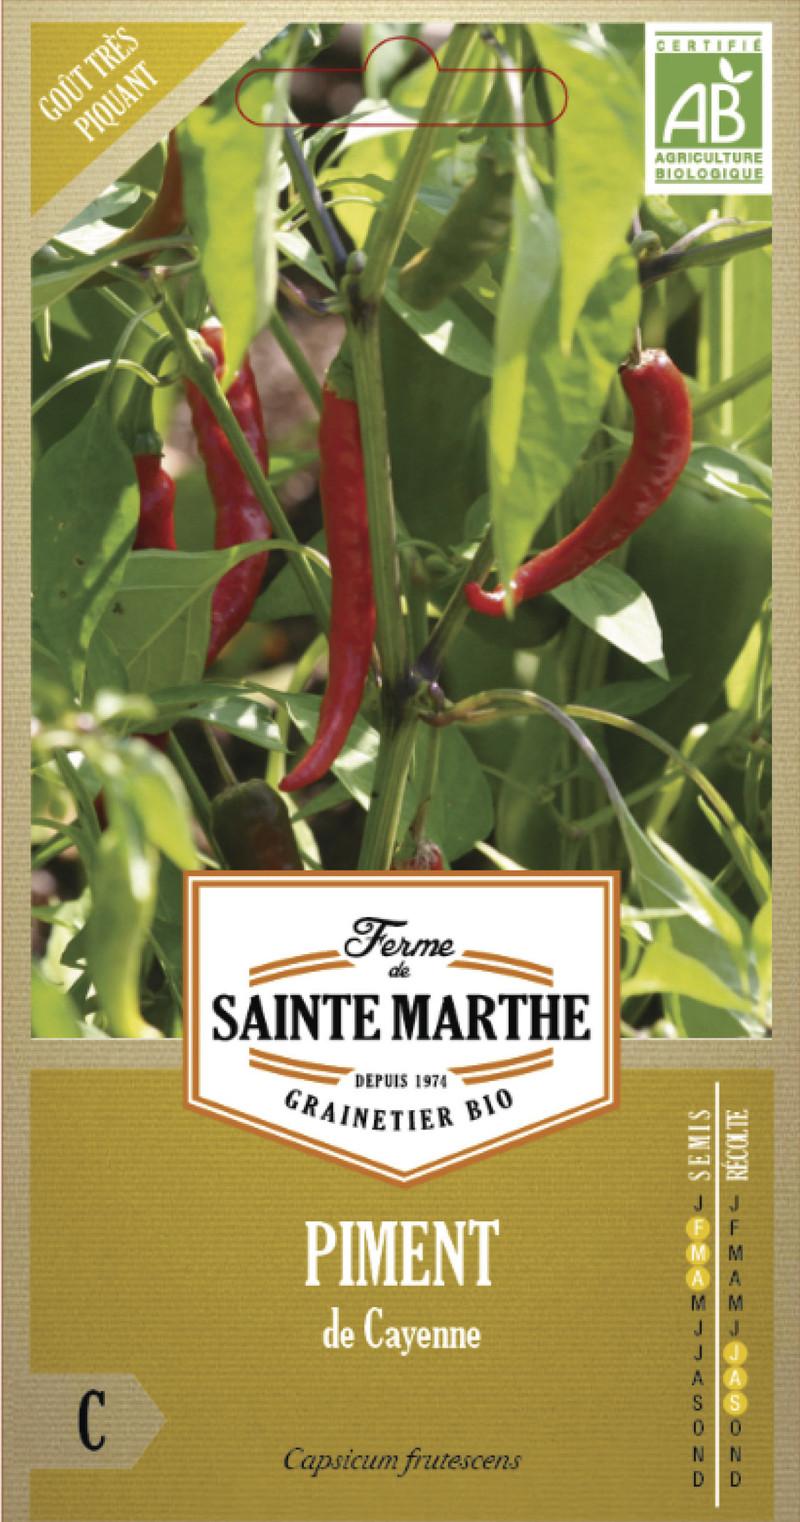 piment de cayenne bio la ferme de sainte marthe graine semence potager sachet semis - Voir en grand